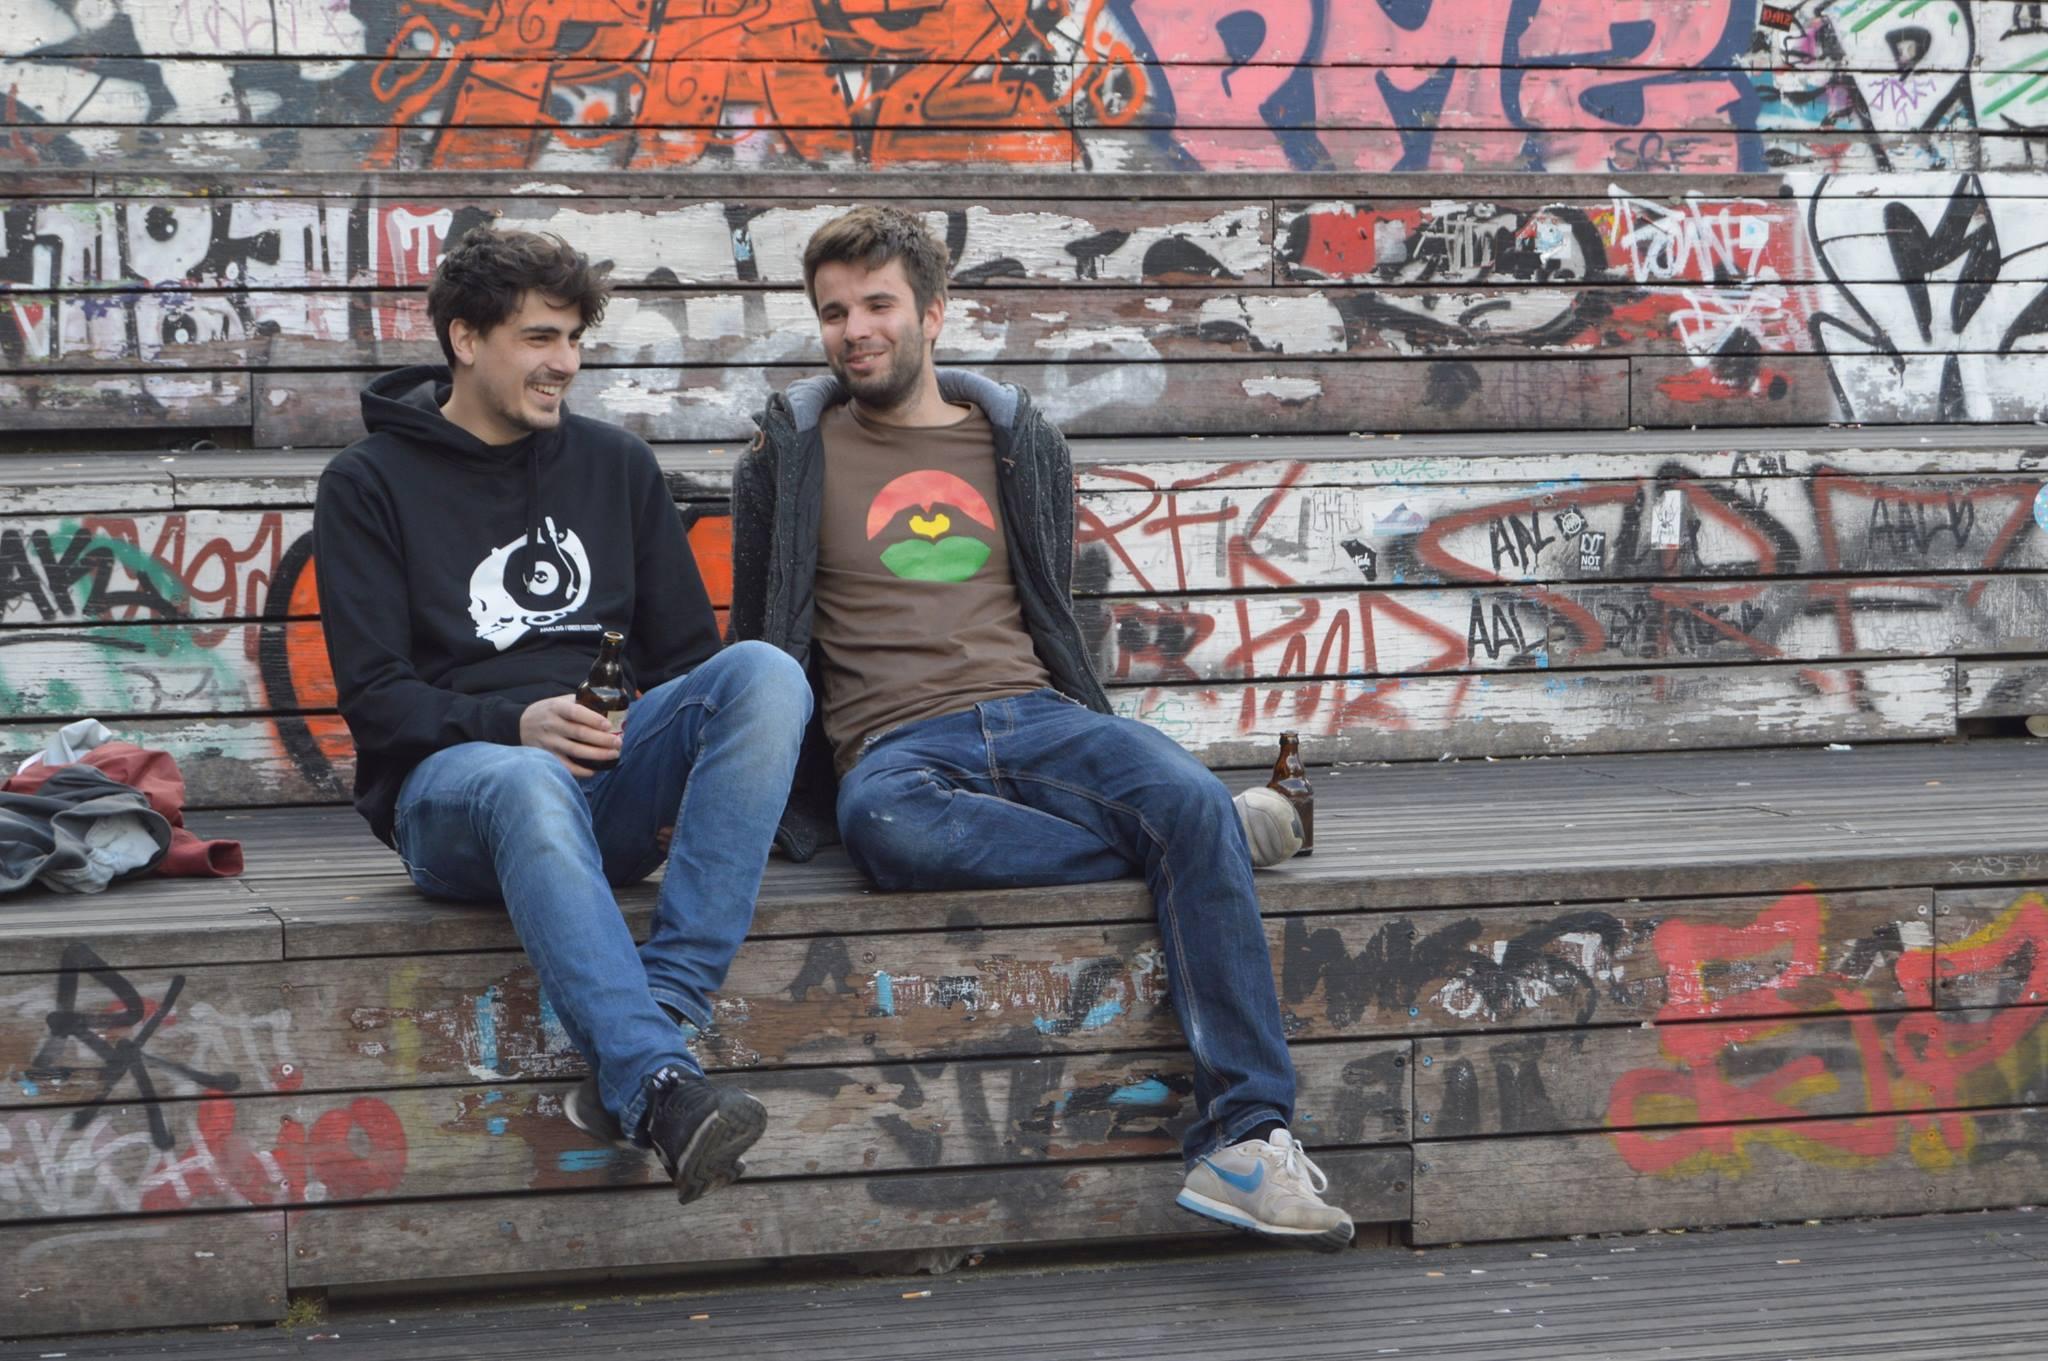 Eine genüssliche Live-Accoustic-Session mit Jan Salander & Tarek erwartet dich.